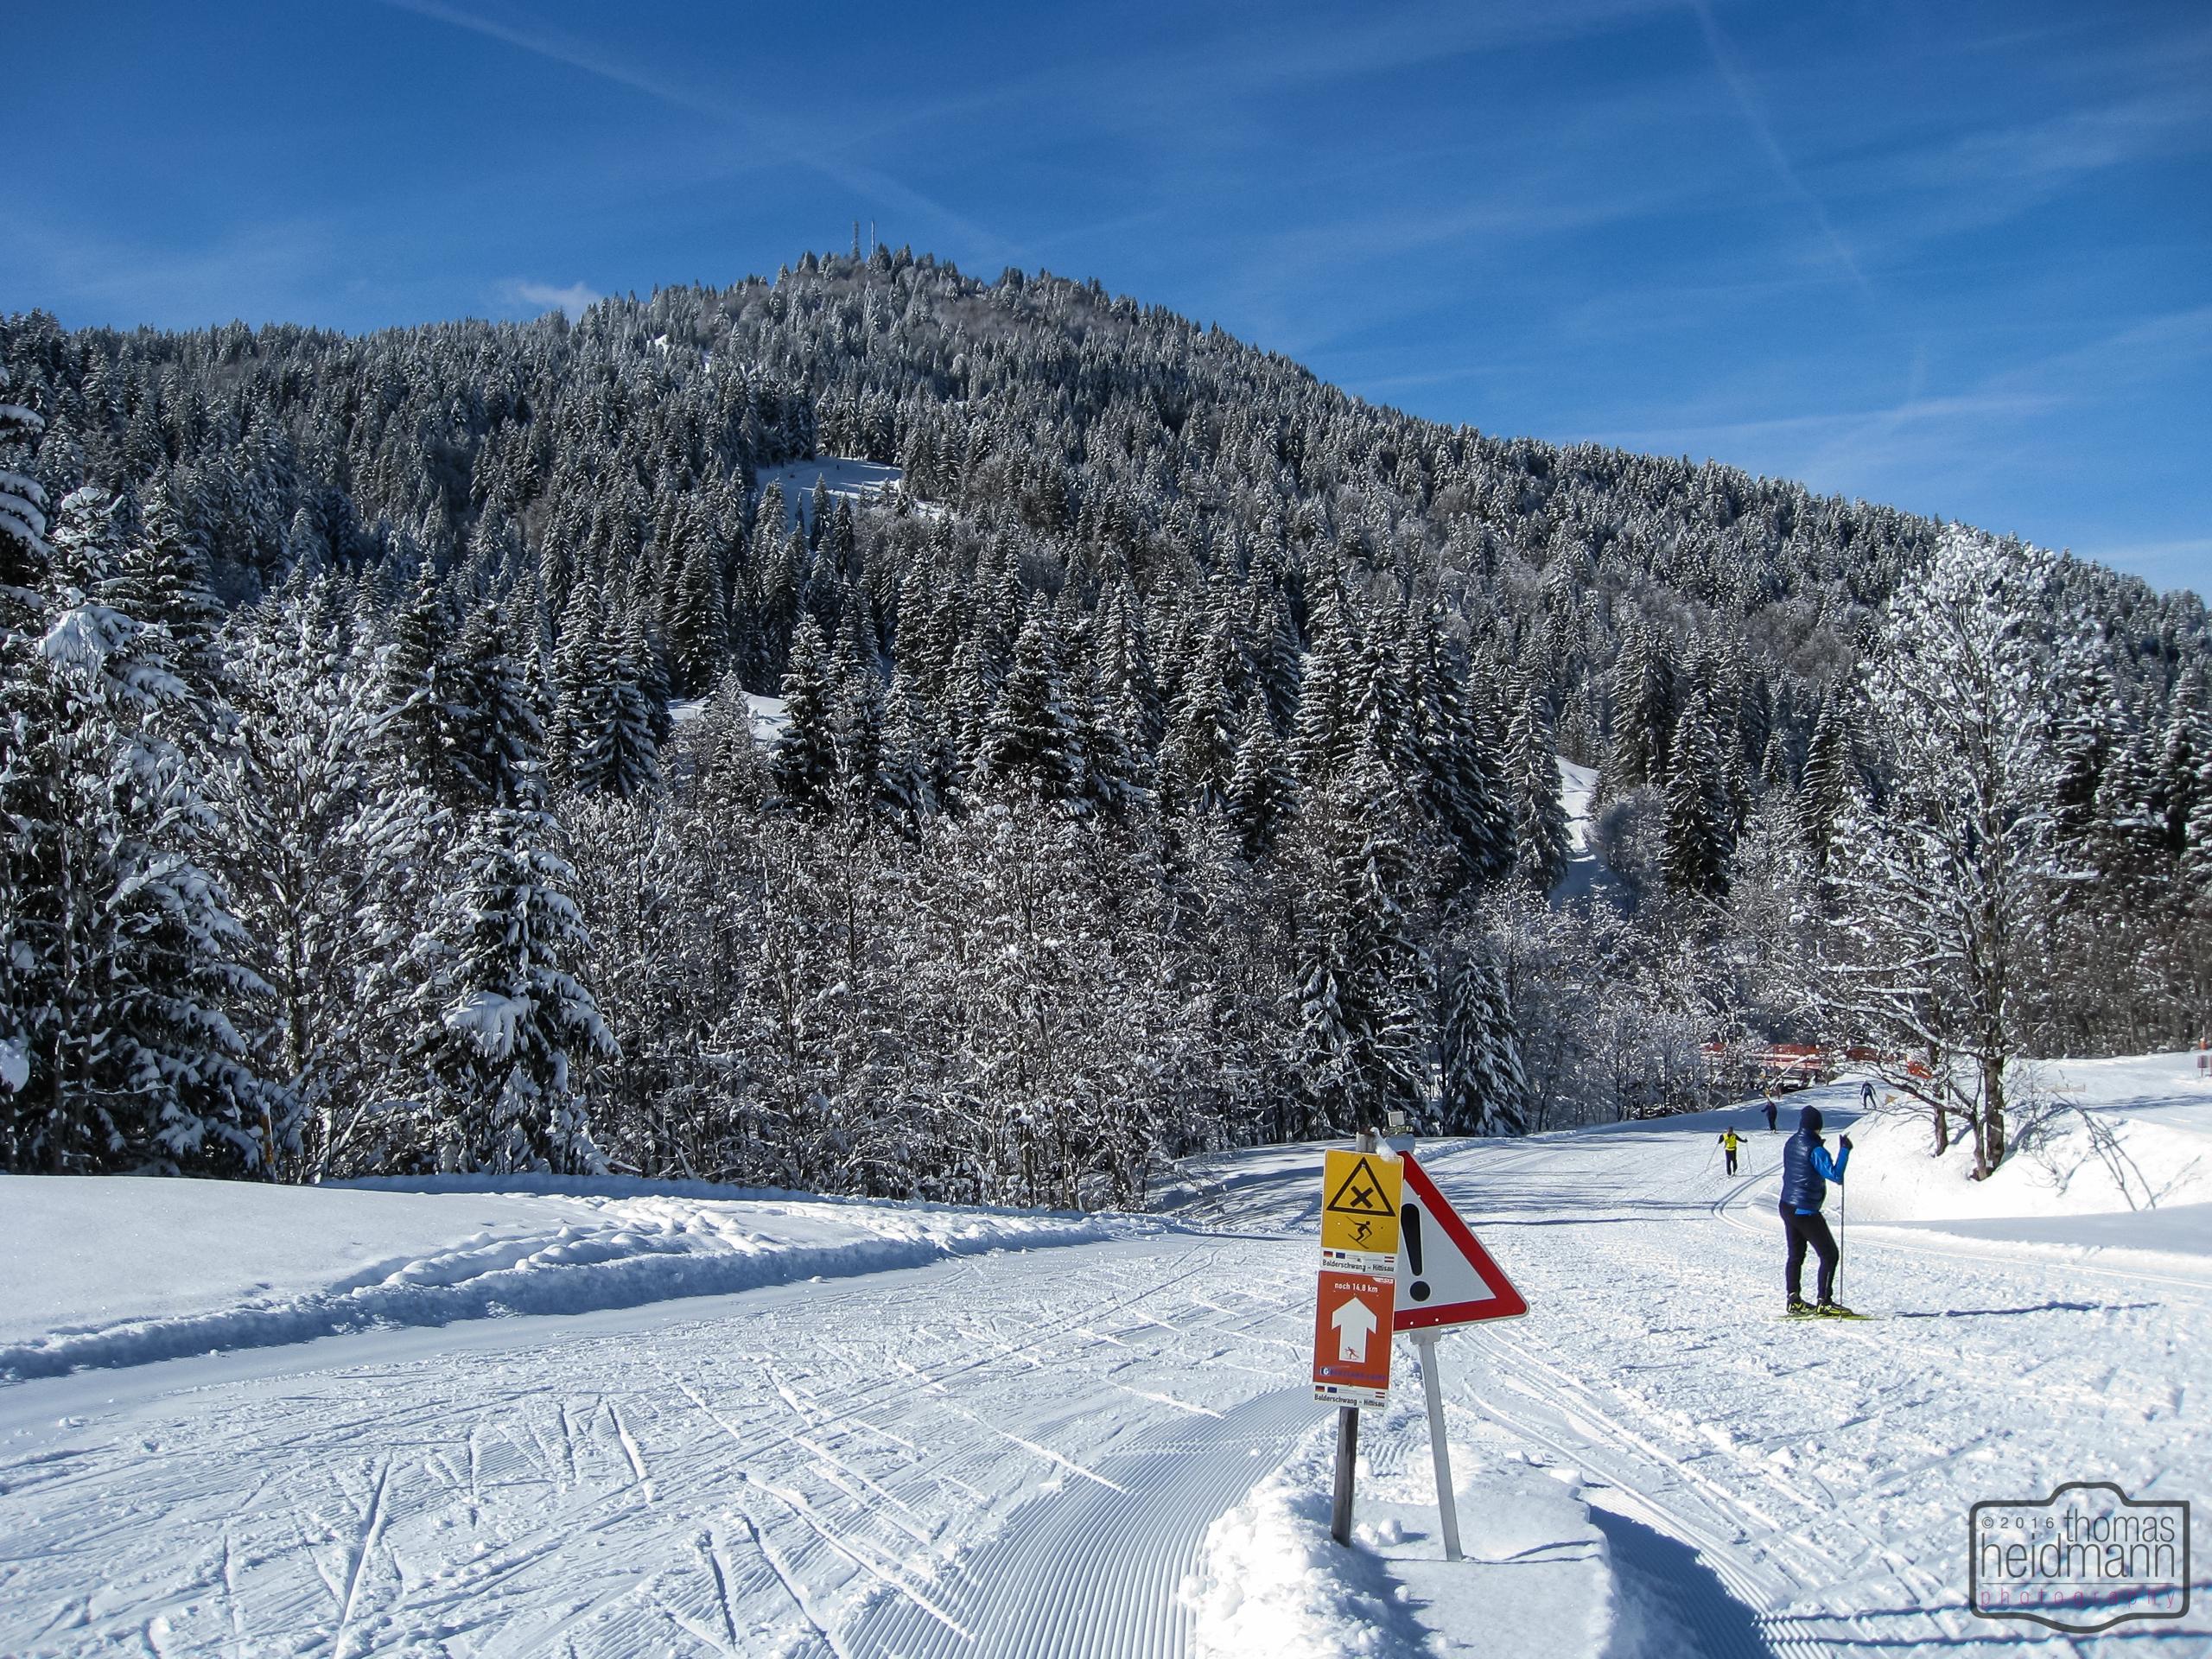 Skatingloipe in Balderschwang